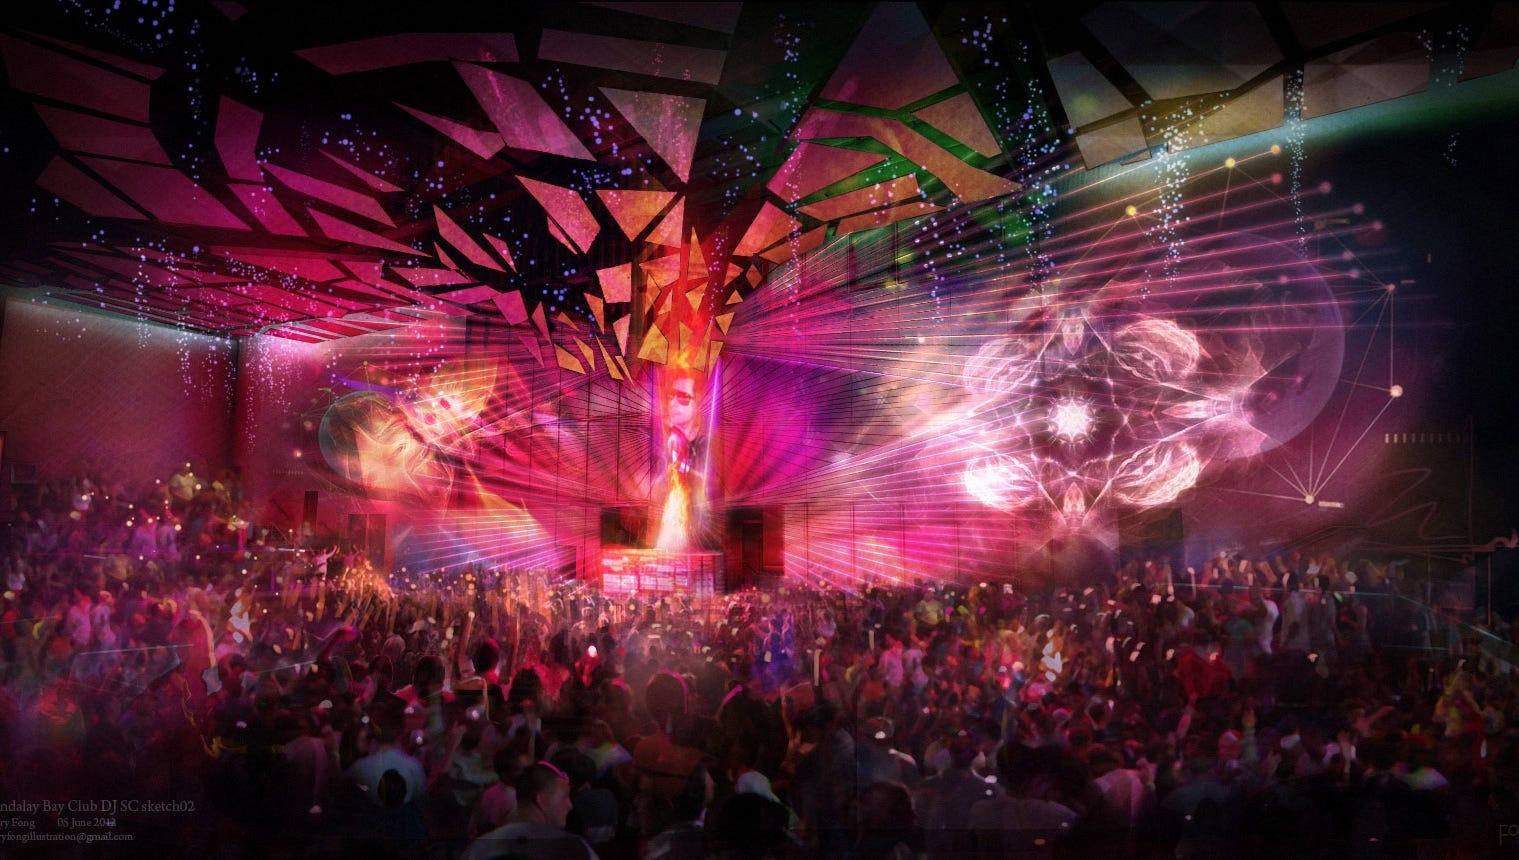 Experience las vegas usa today travel - Licht nightclub ...